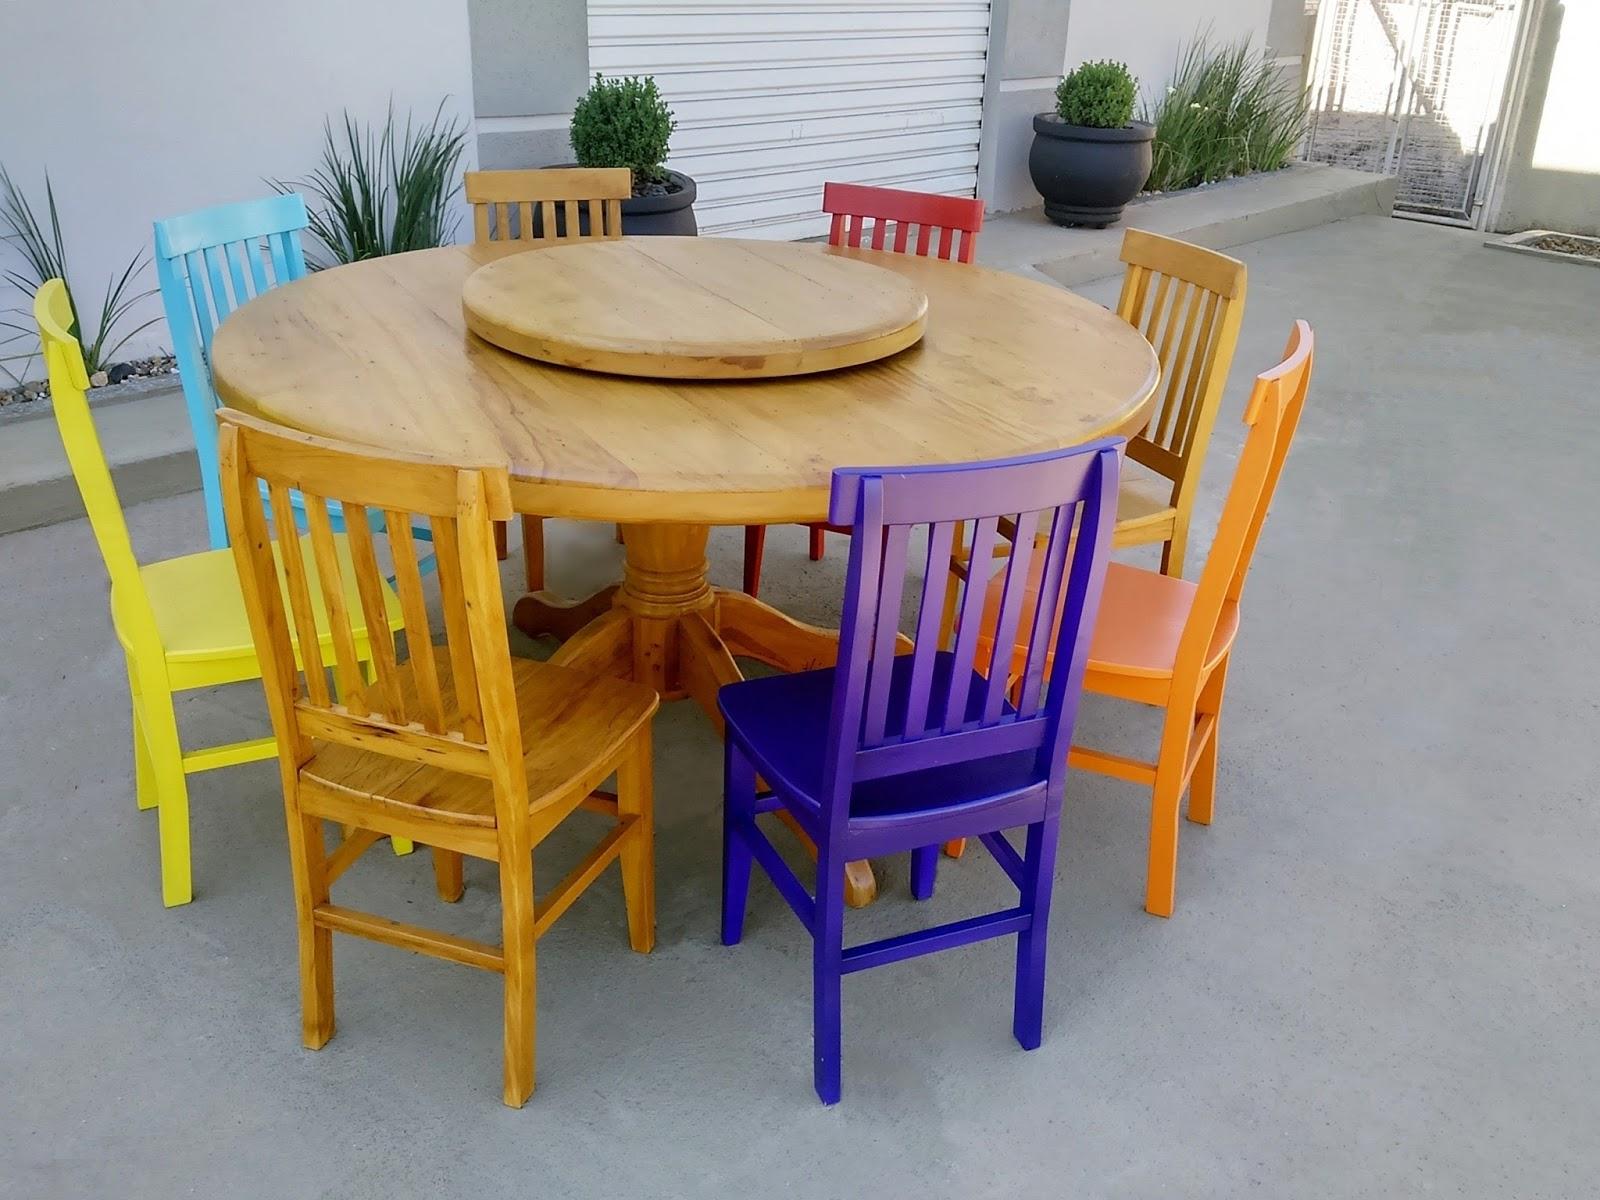 mesa redonda com pé torneado e prato giratório feita de madeira de #783D10 1600x1200